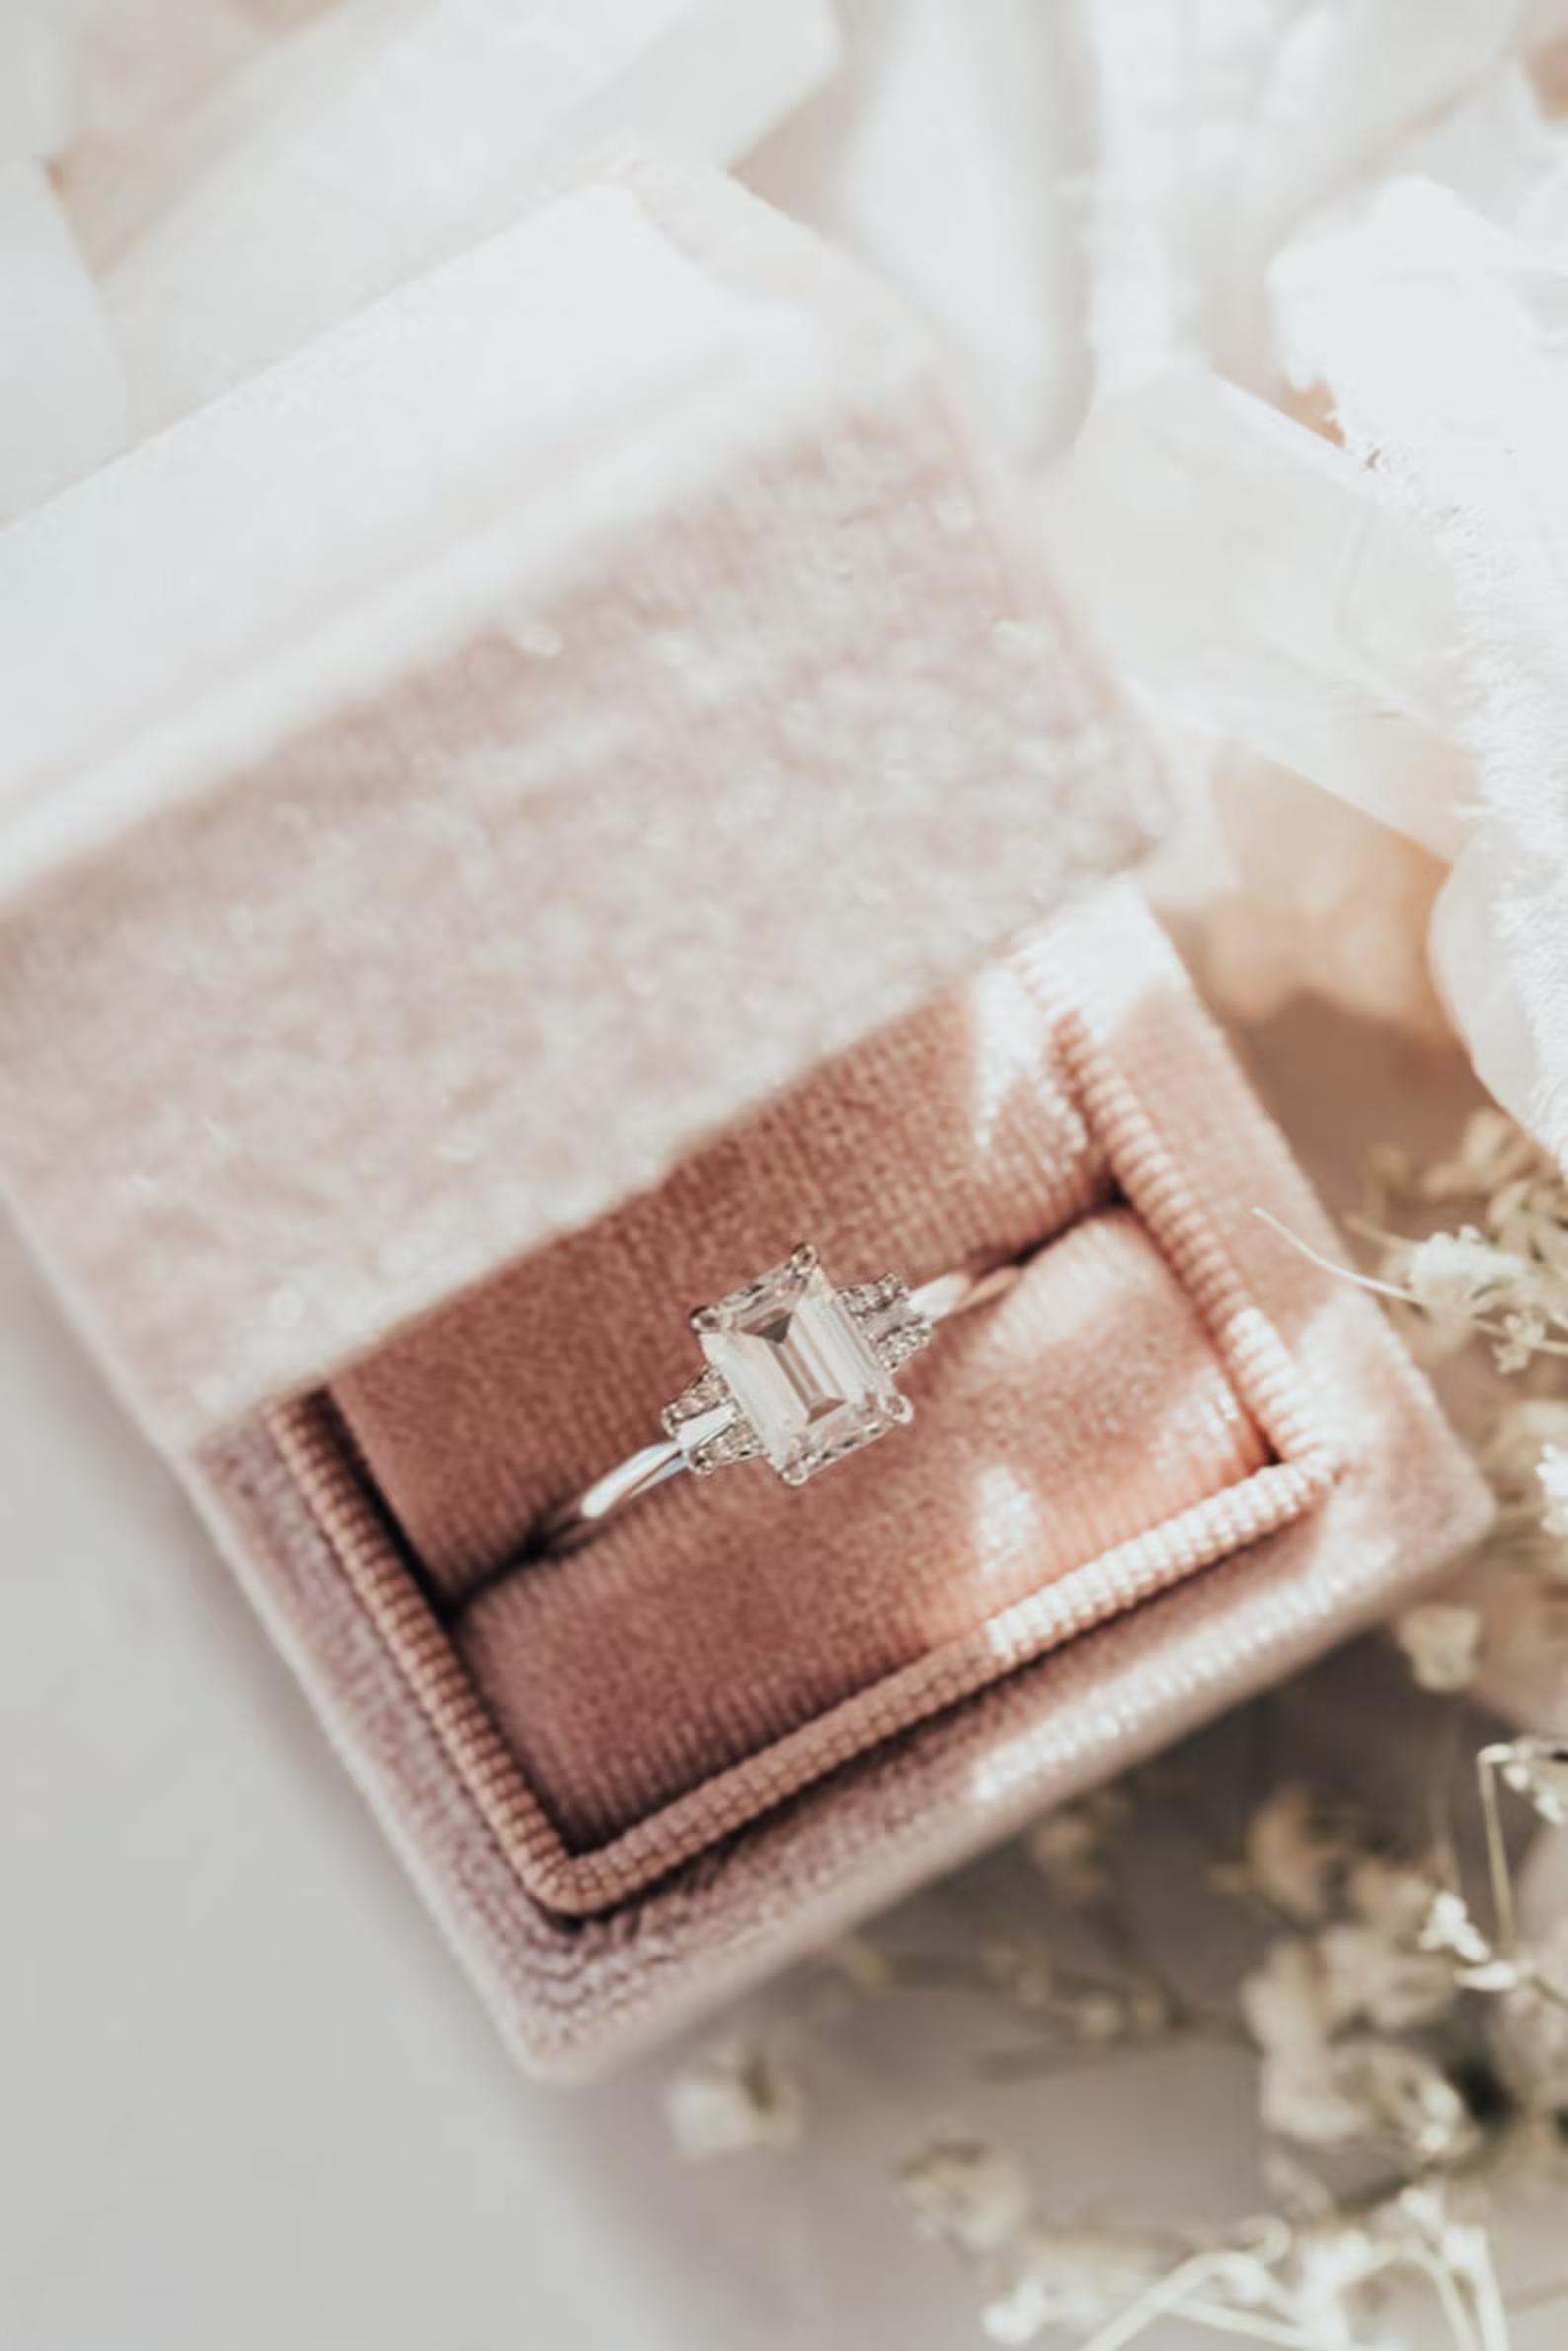 moissanite vs diamond emerald cut ring in blush pink velvet box